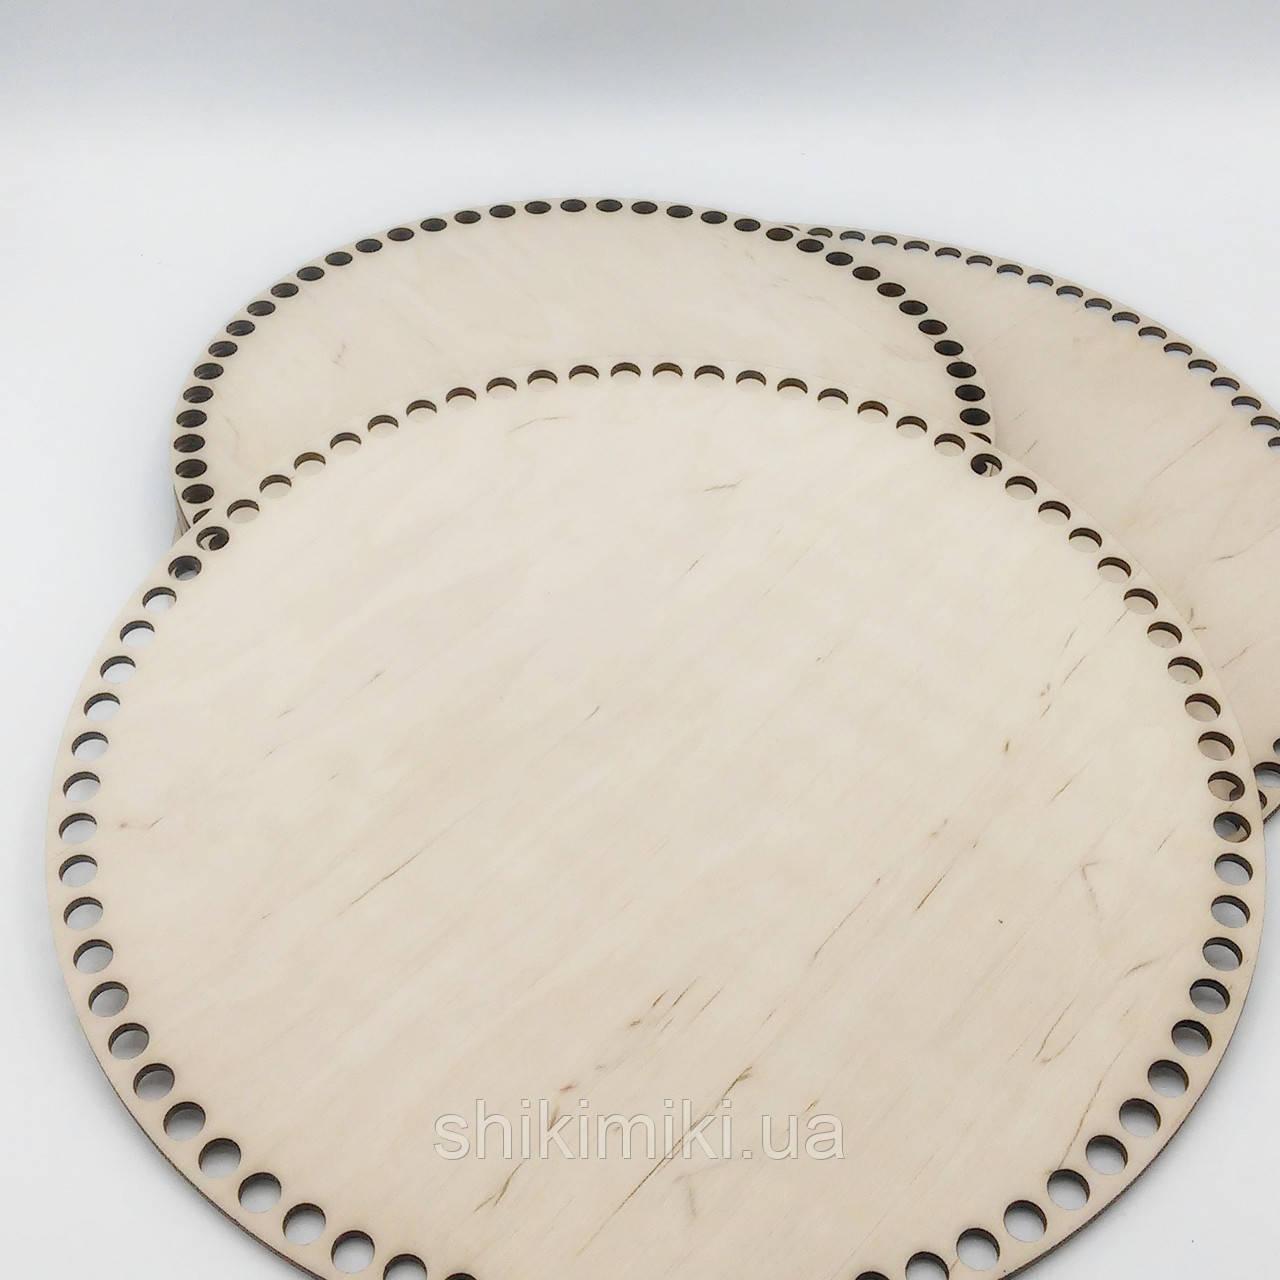 Заготовка из фанеры круглая (28 см)